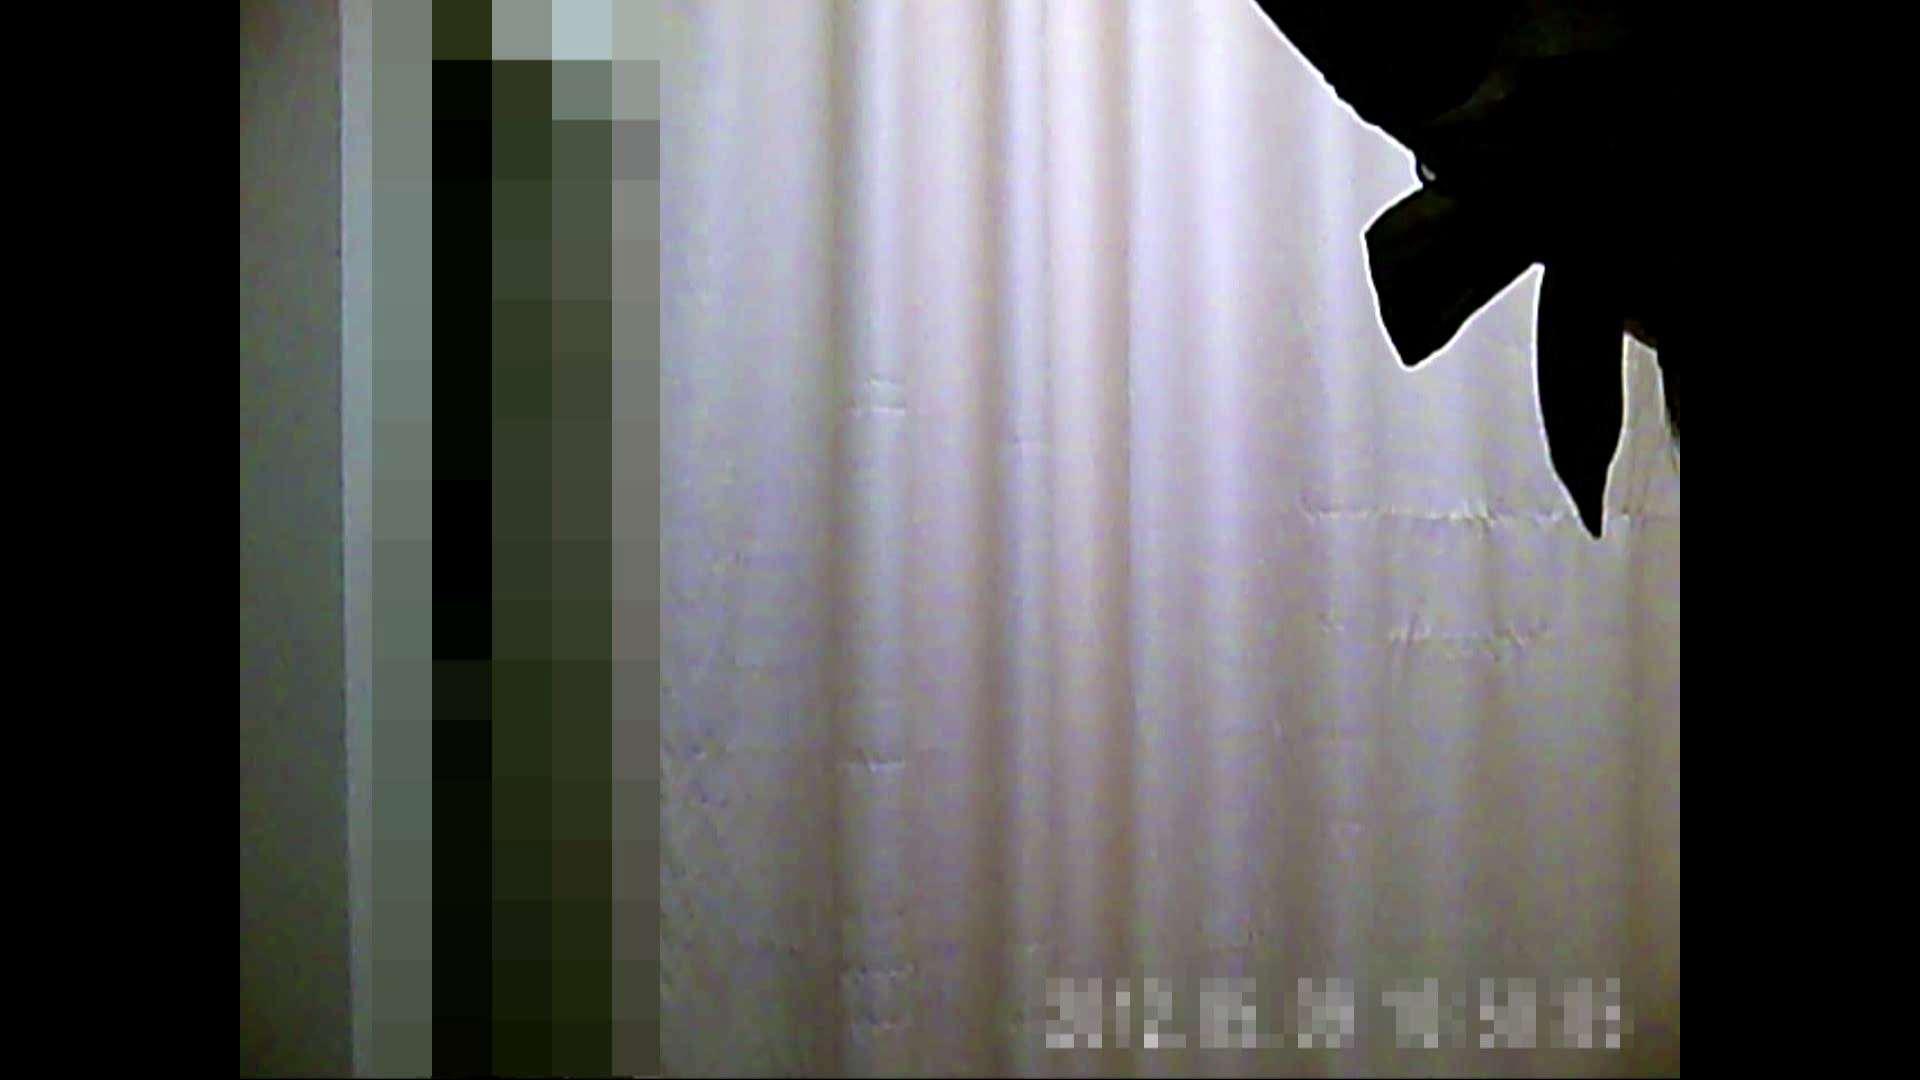 元医者による反抗 更衣室地獄絵巻 vol.001 OLの実態  56pic 50